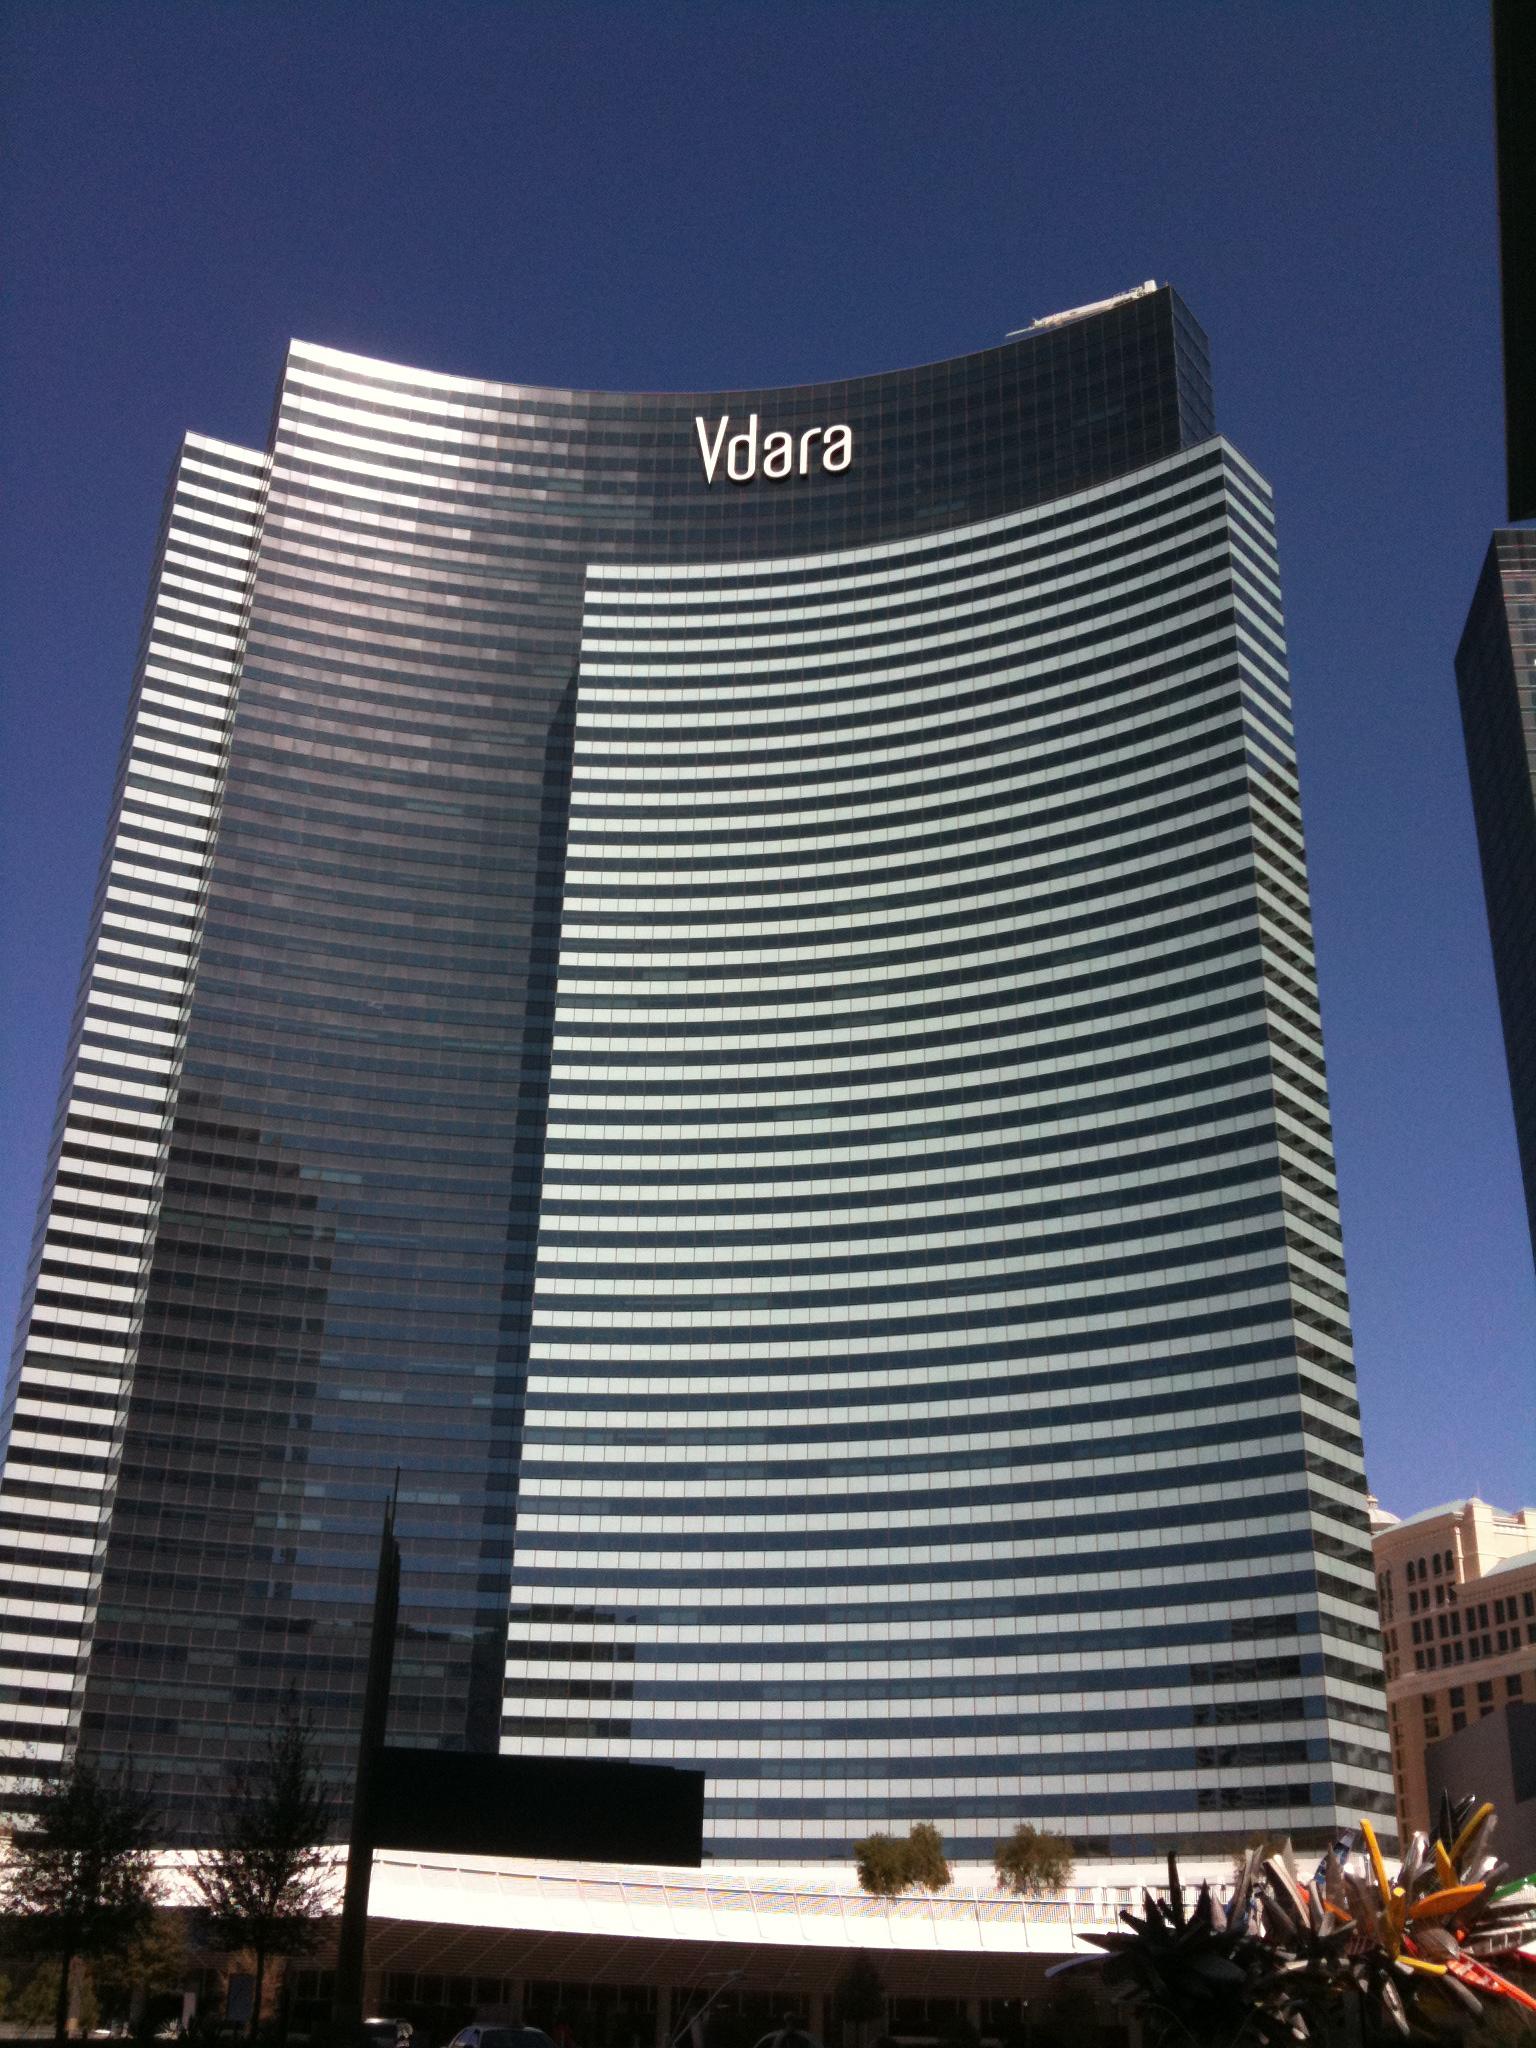 Las Vegas Suites  Vdara 2 Bedroom Condo Penthouse. Las Vegas Suites  Vdara 2 Bedroom Condo Penthouse   THE702GUIDE